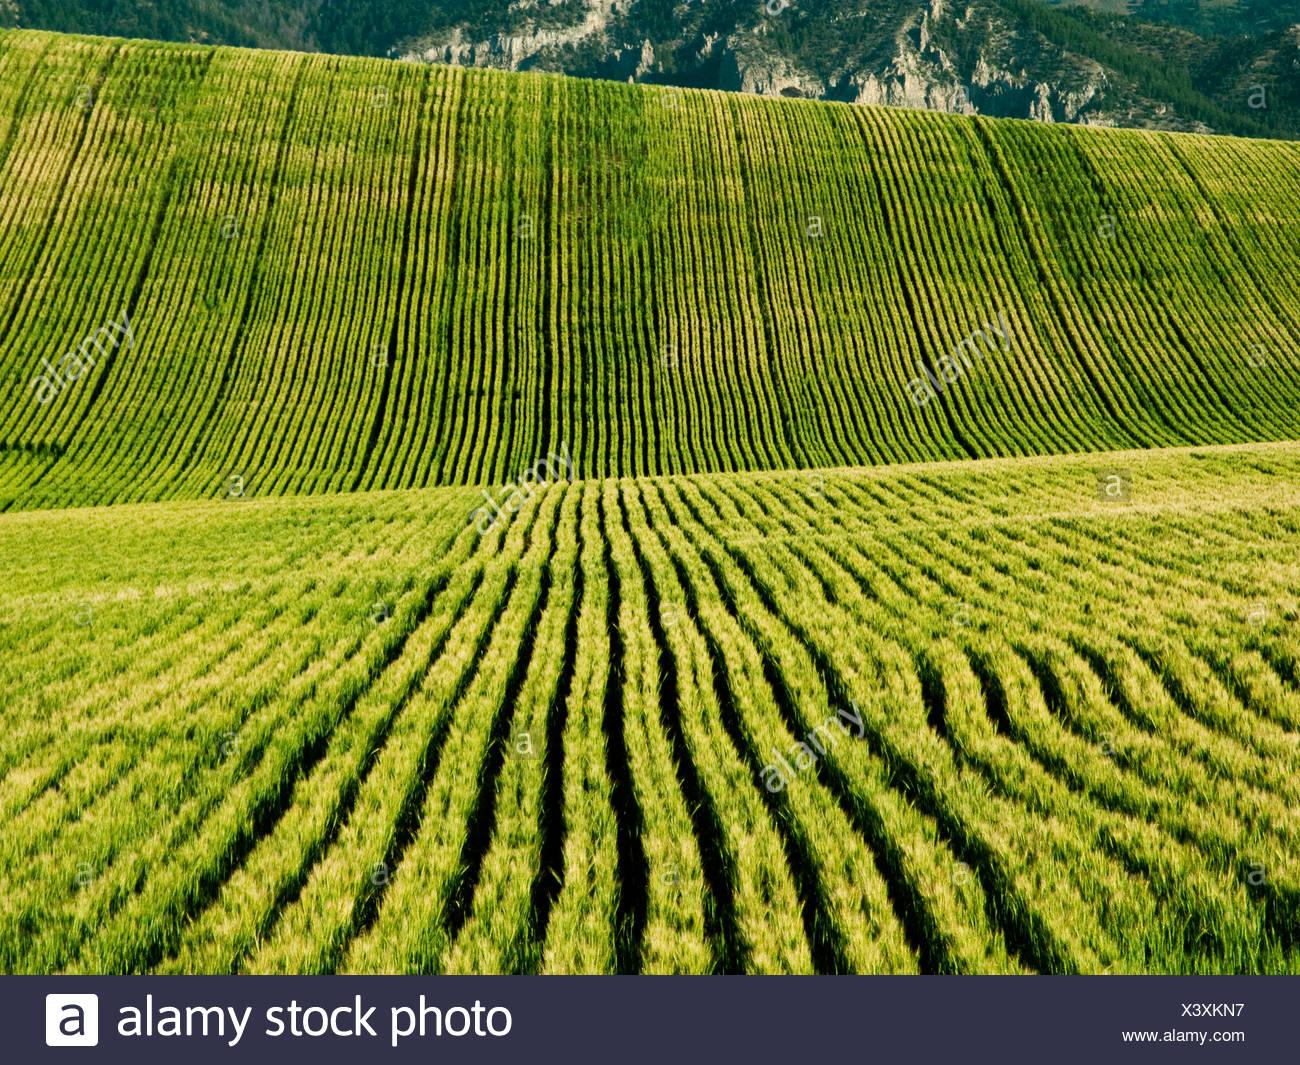 Agricoltura - campo di rotolamento di maturazione frumento primaverile / Idaho, Stati Uniti d'America. Immagini Stock